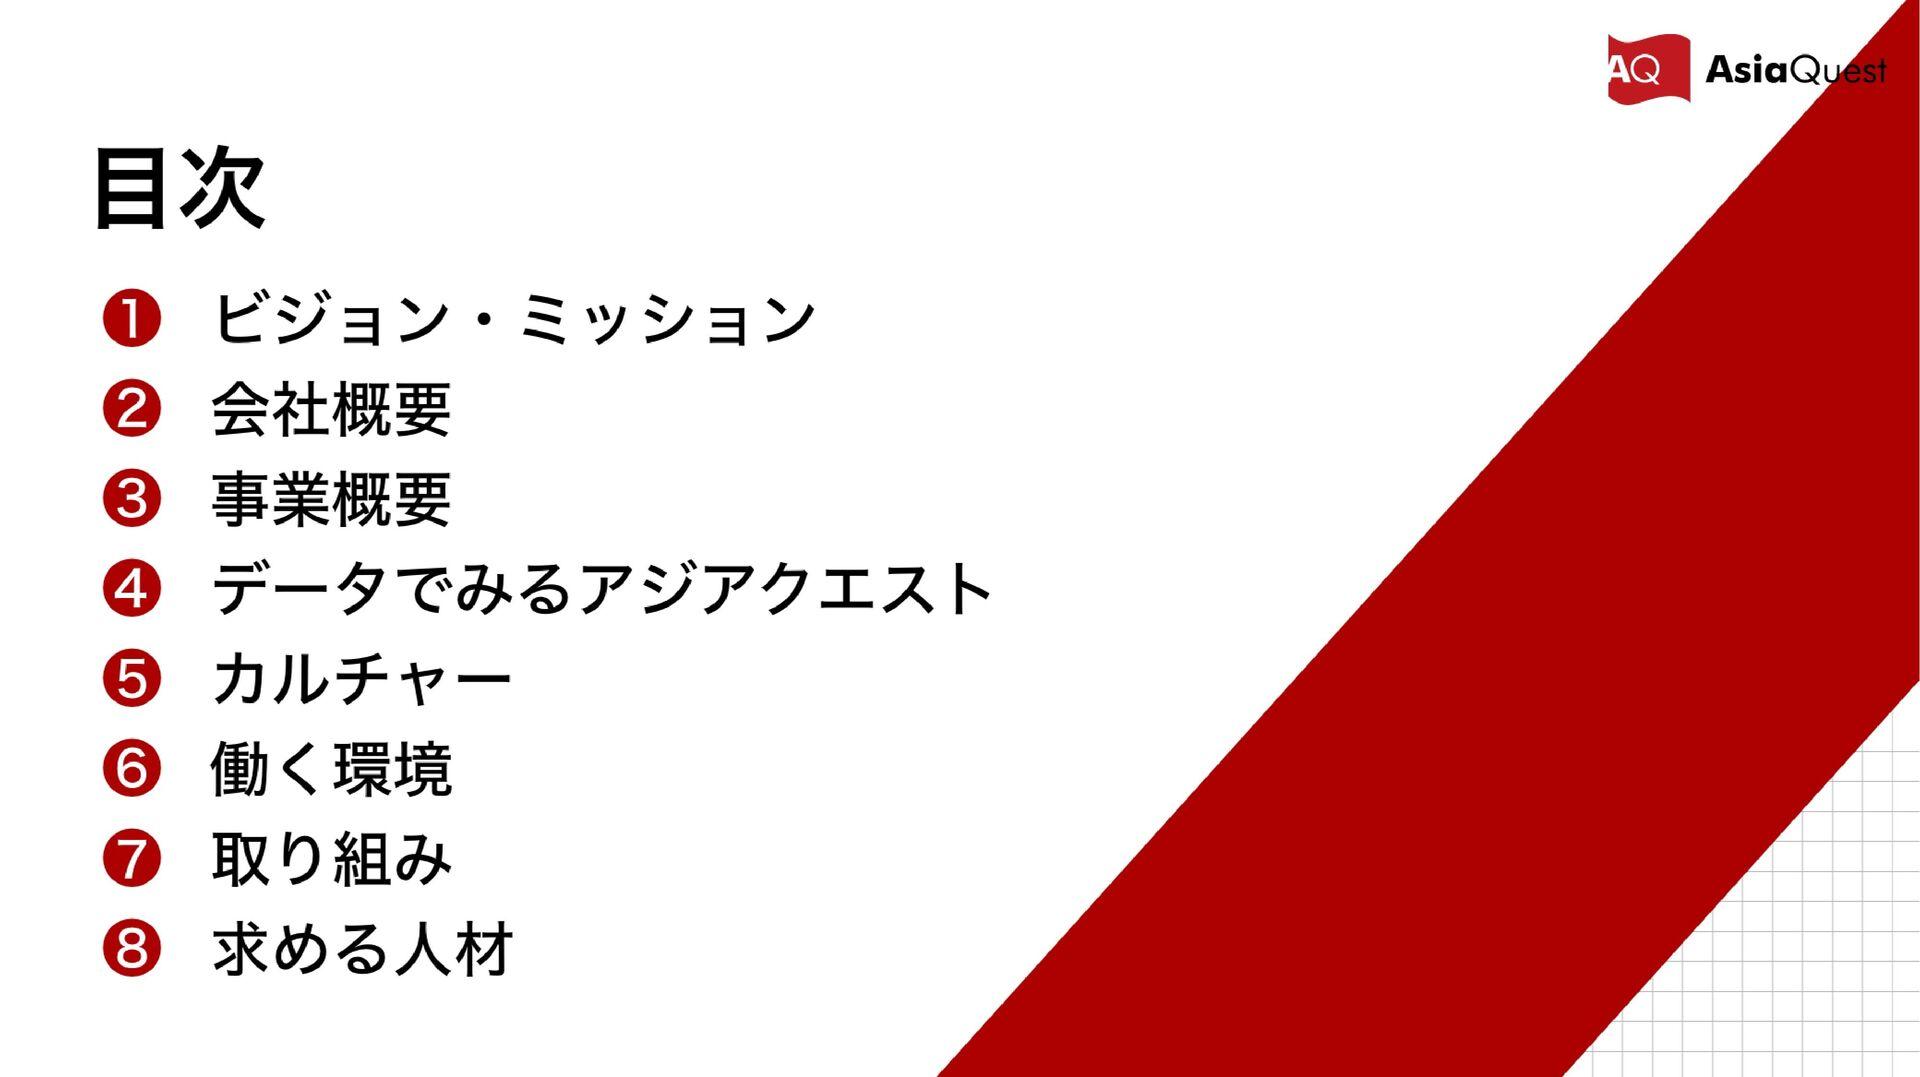 Message ⽬次 ❶ ❷ ❸ ❹ ❺ ❻ ❼ ❽ ビジョン・ミッション 会社概要 事業概要...